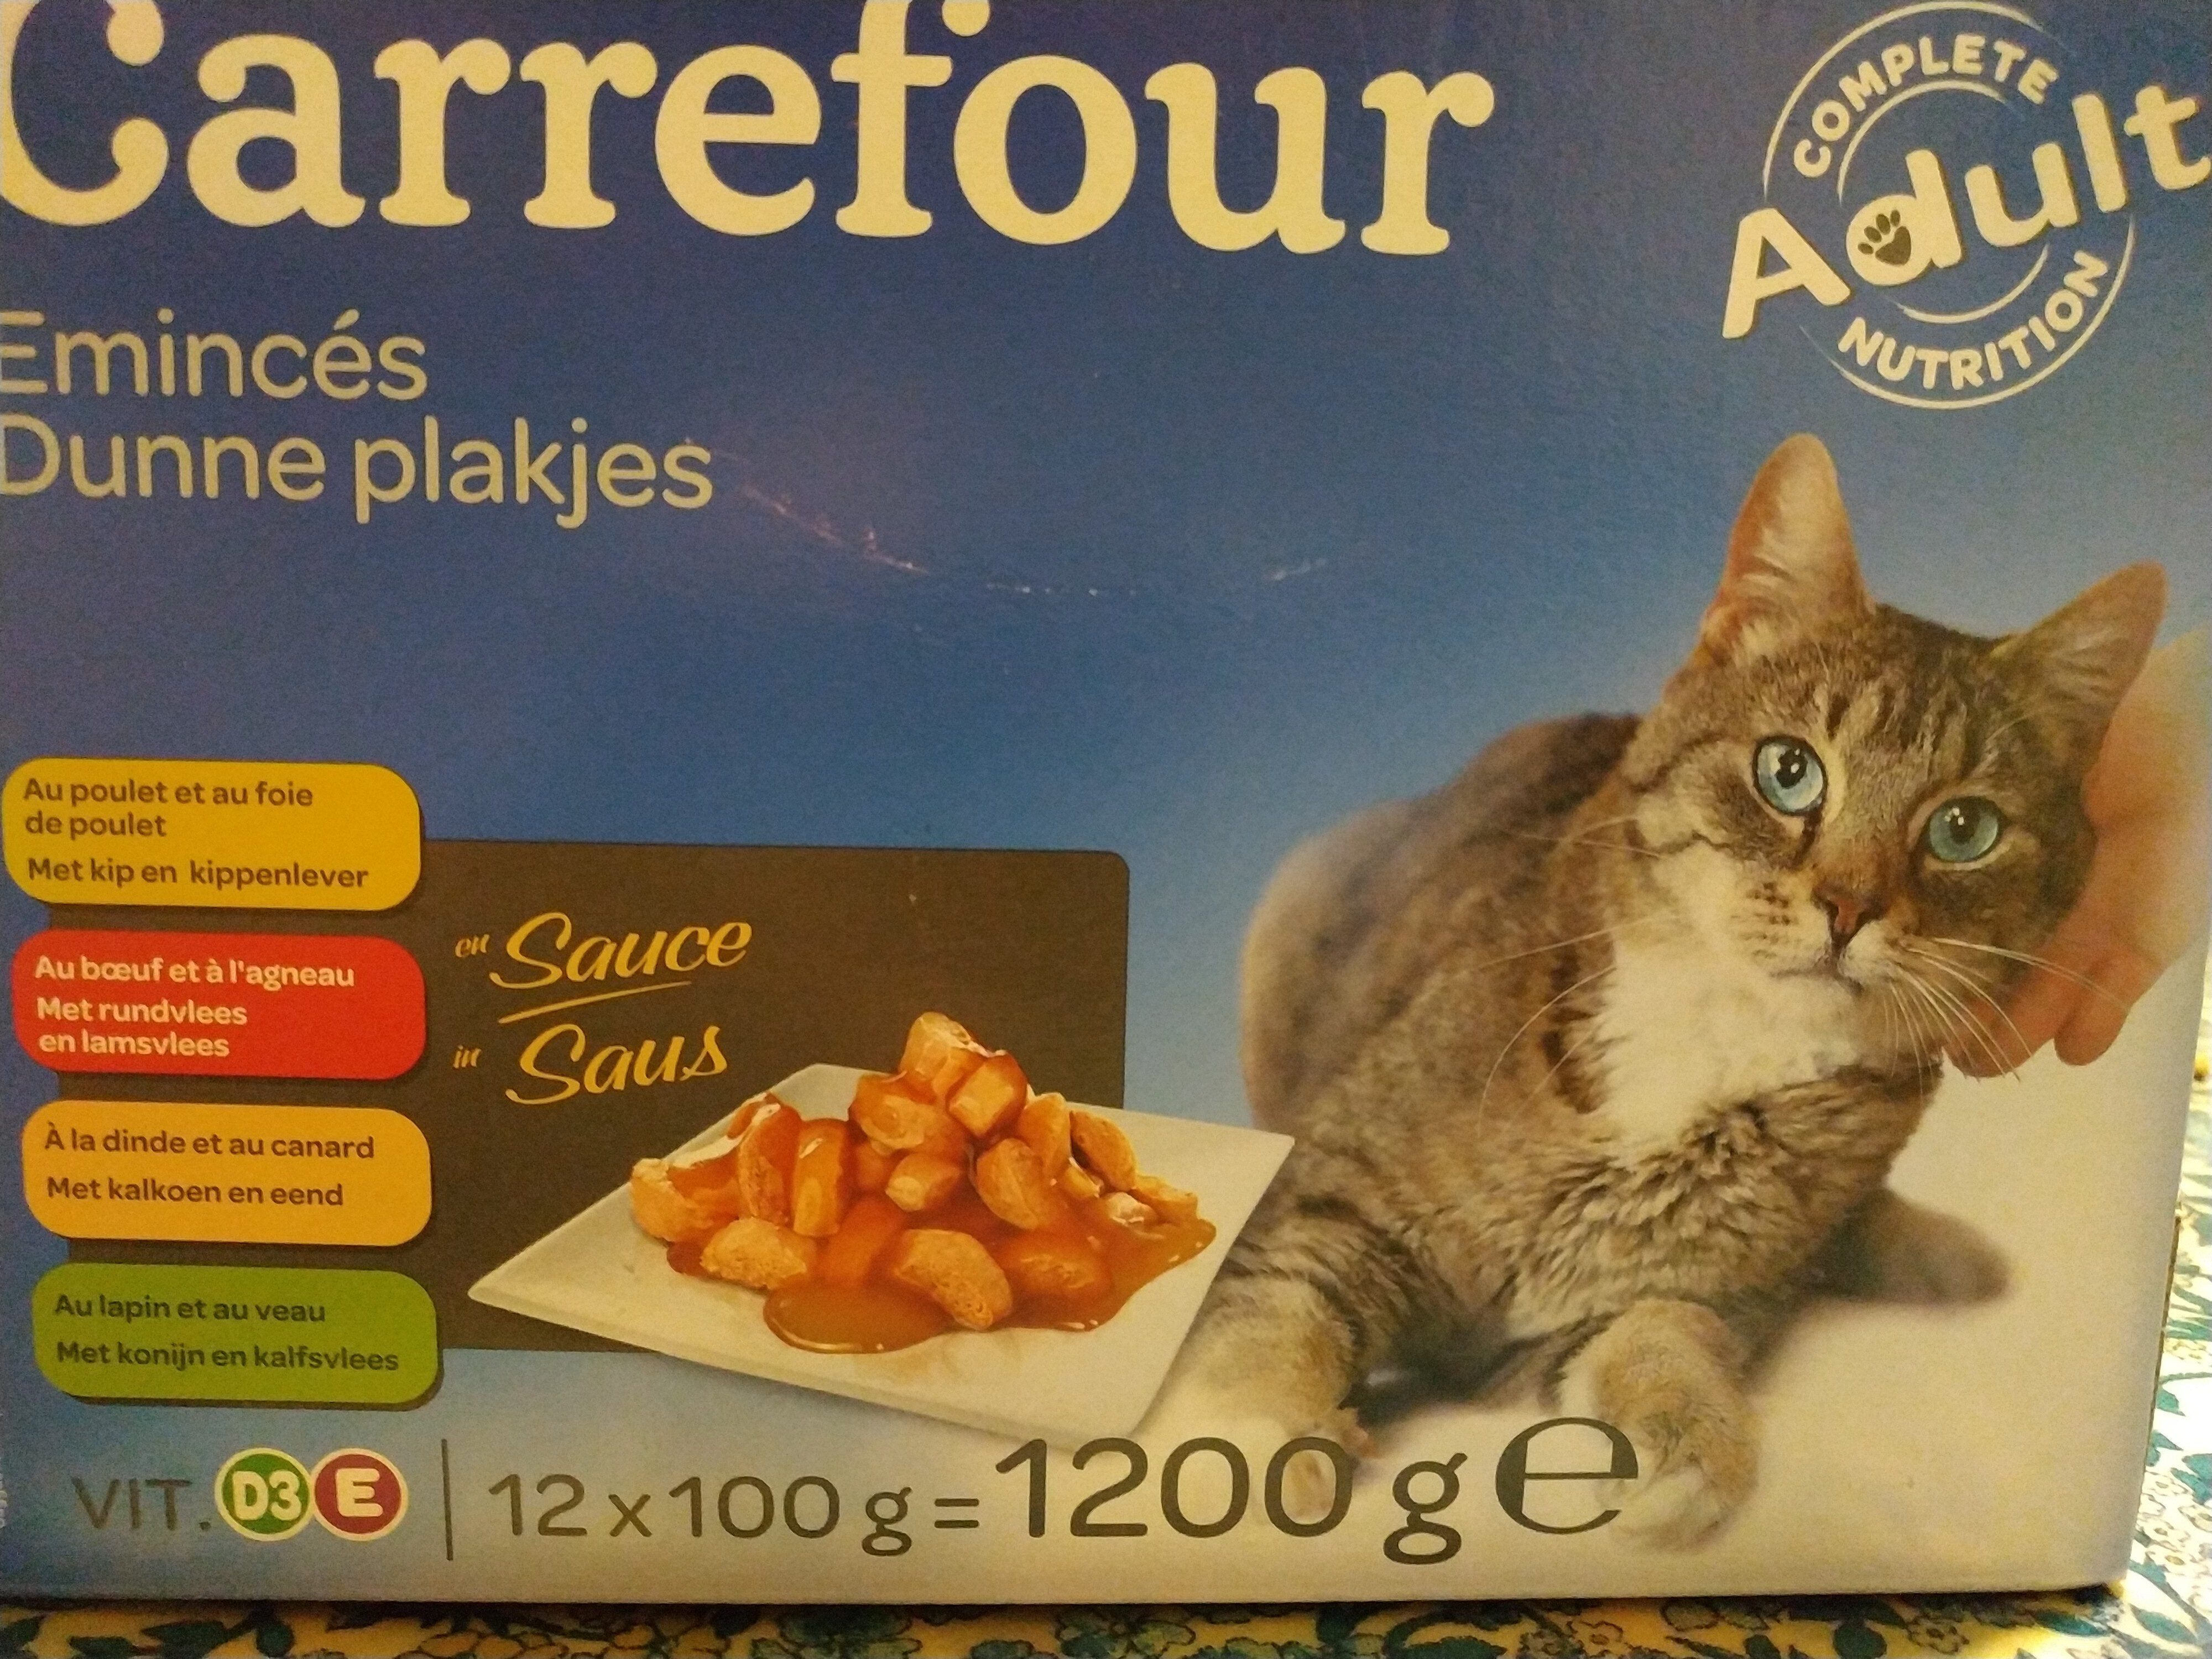 Carrefour émincés pour chat - Produit - fr